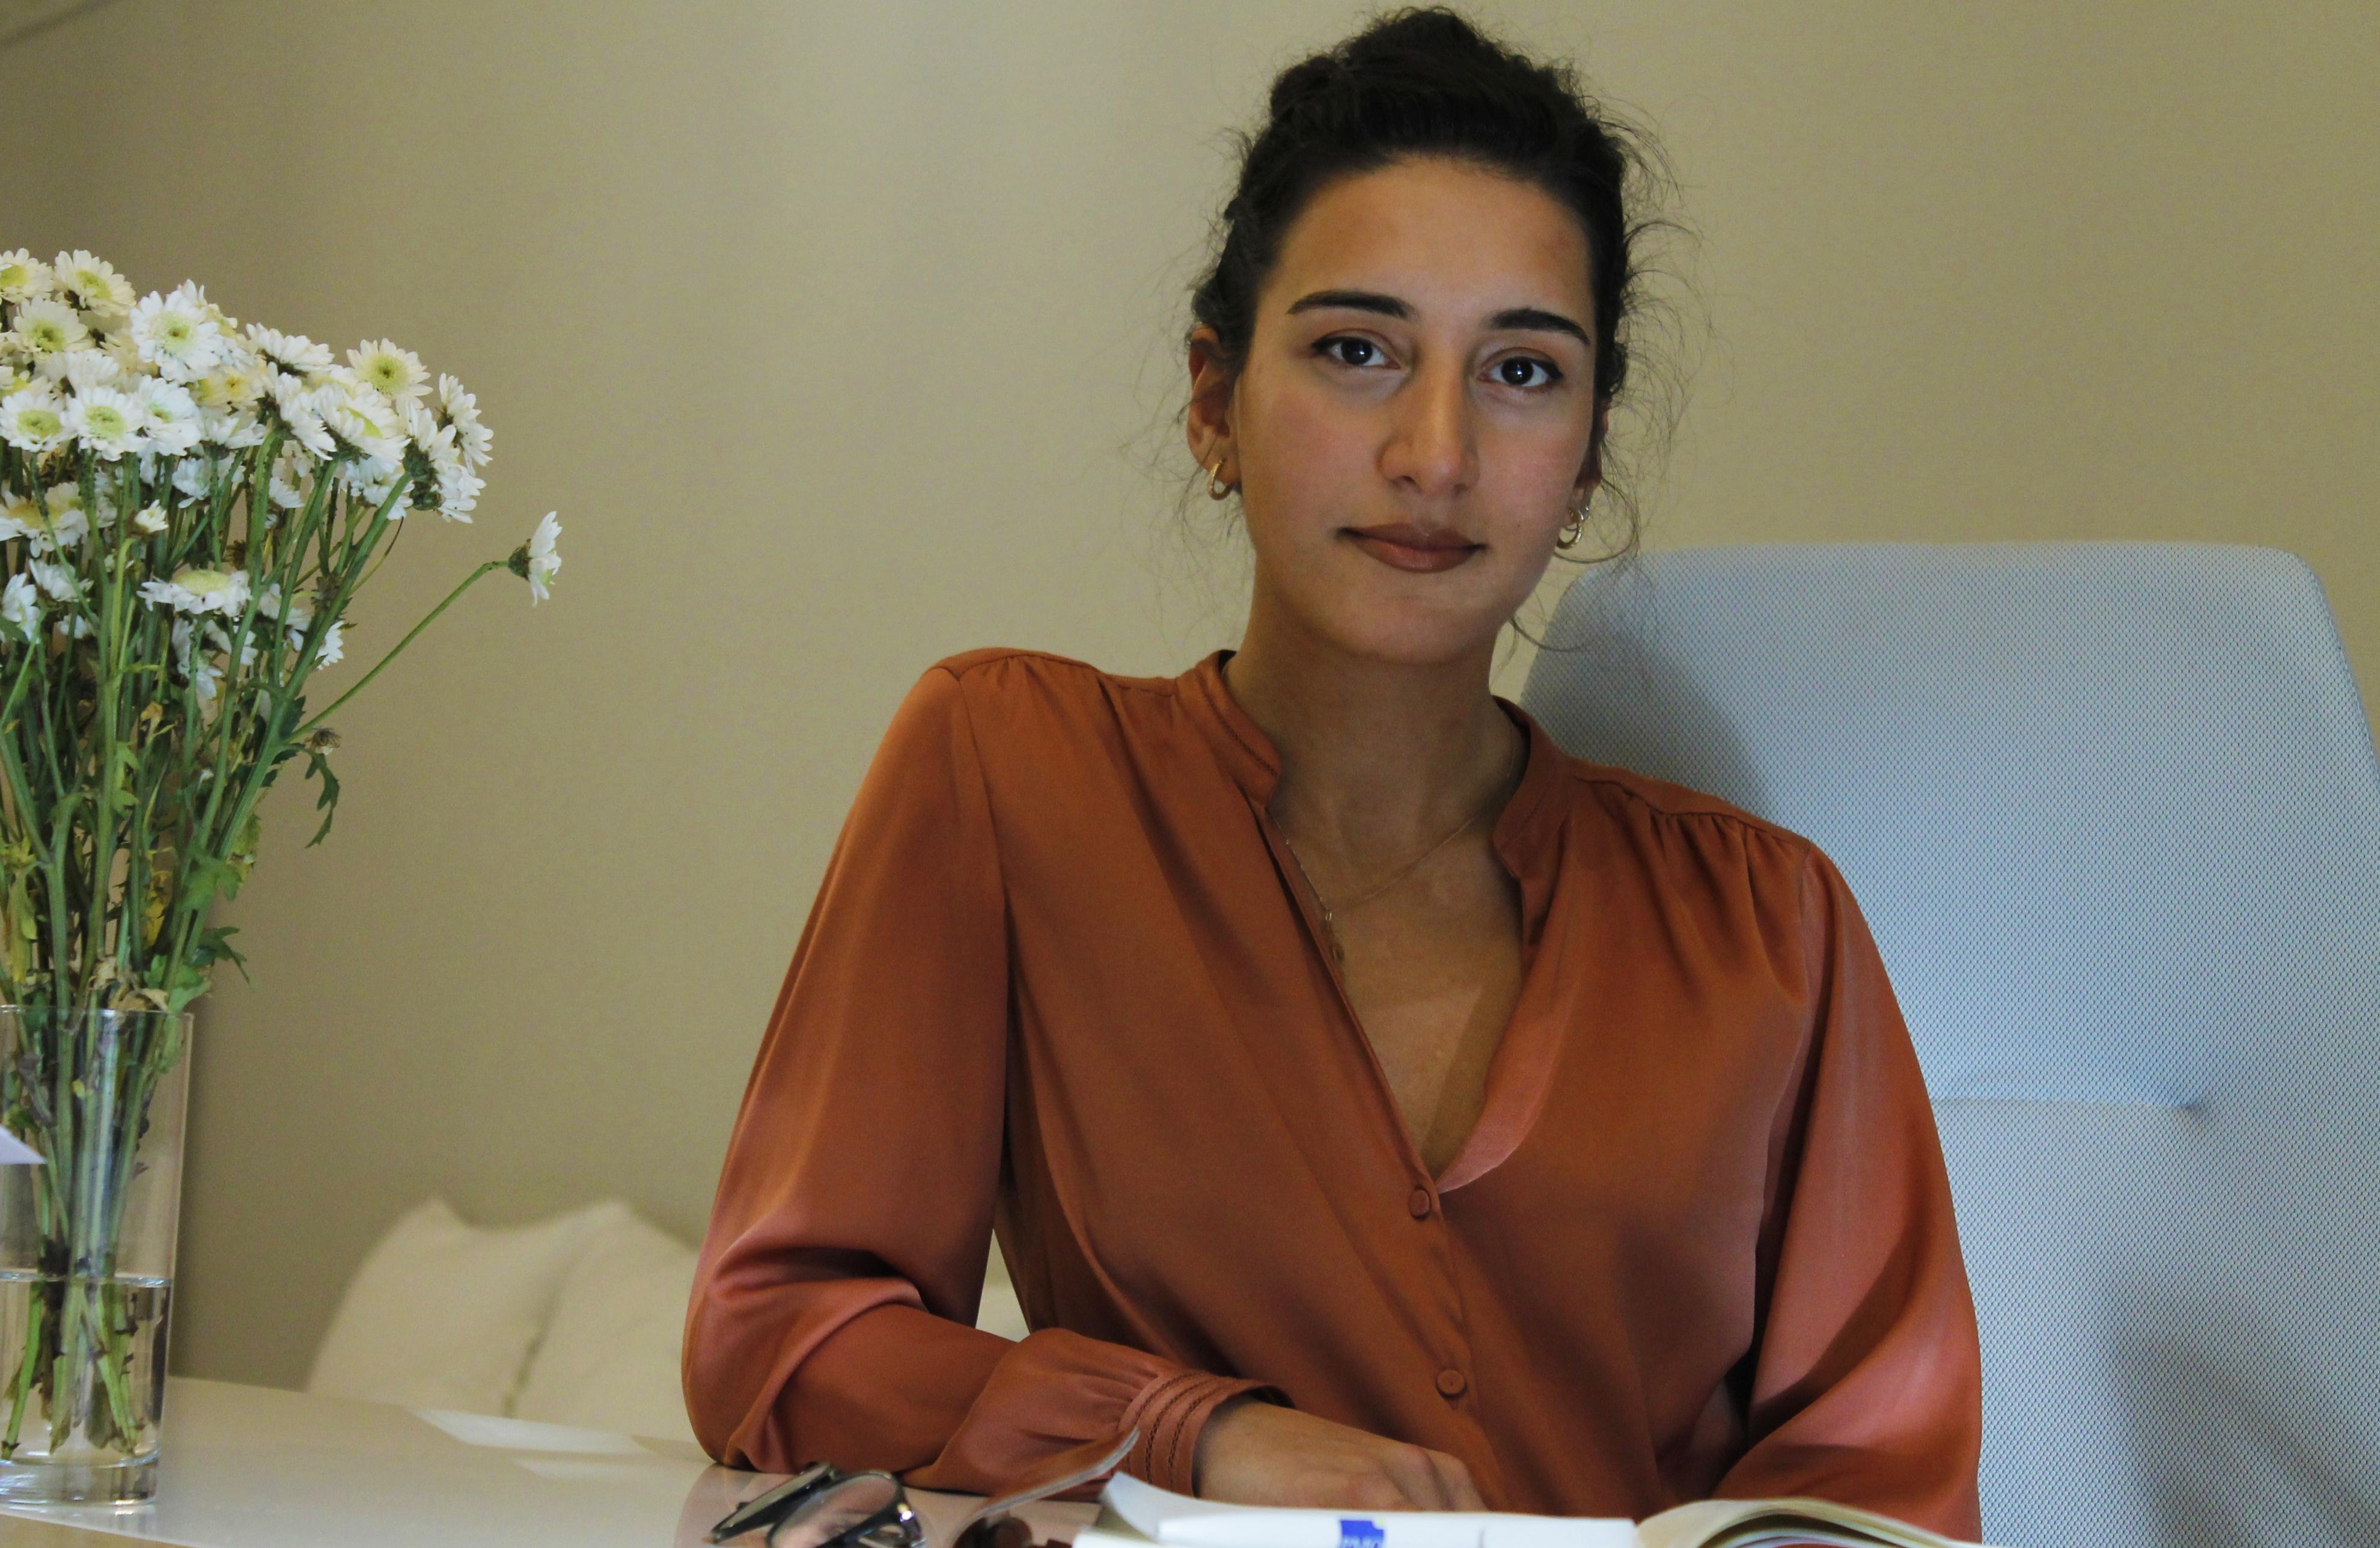 Elene Minashvili